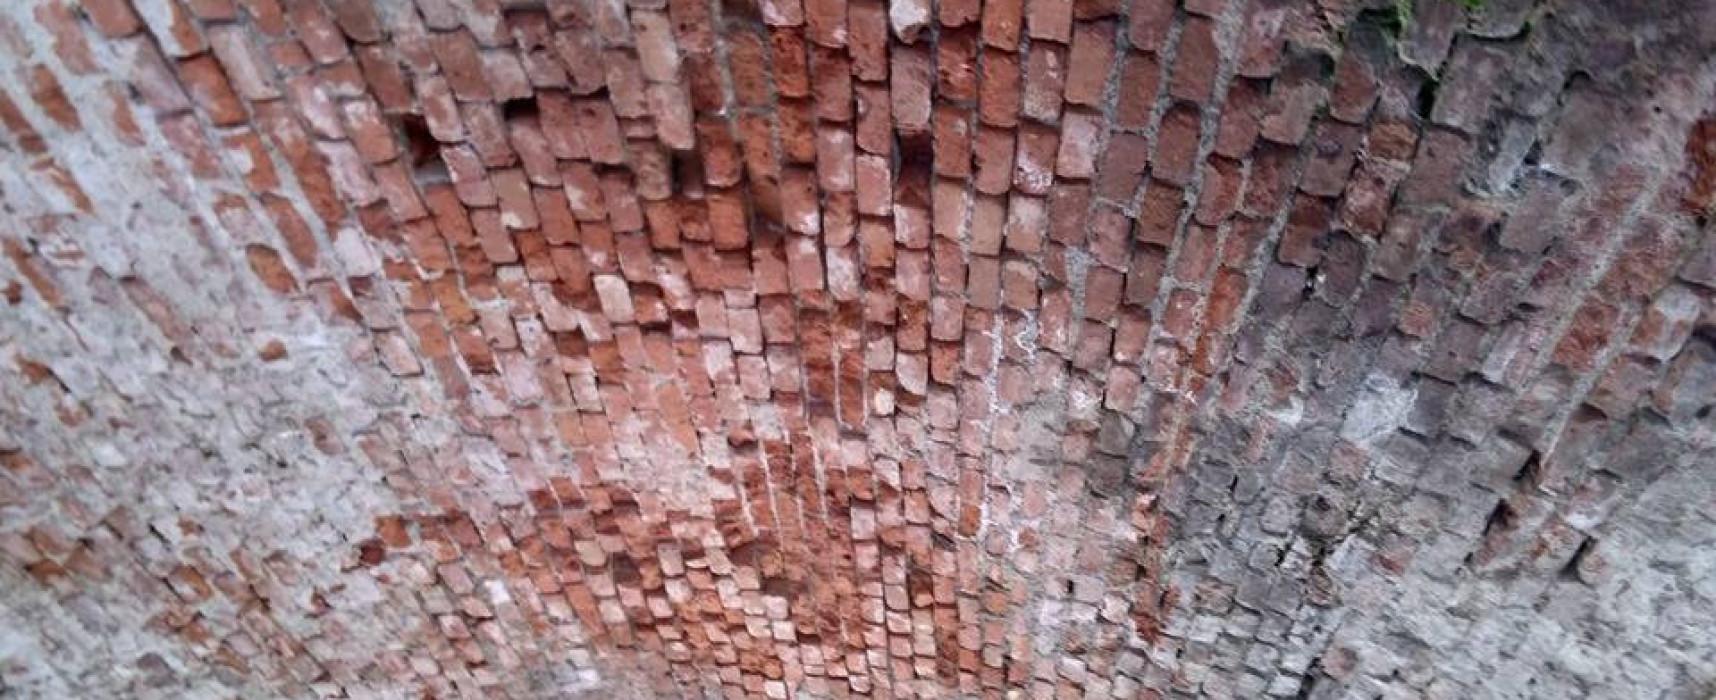 Cadono mattoni dalla volta del  ponte della ferrovia di Ghivizzano